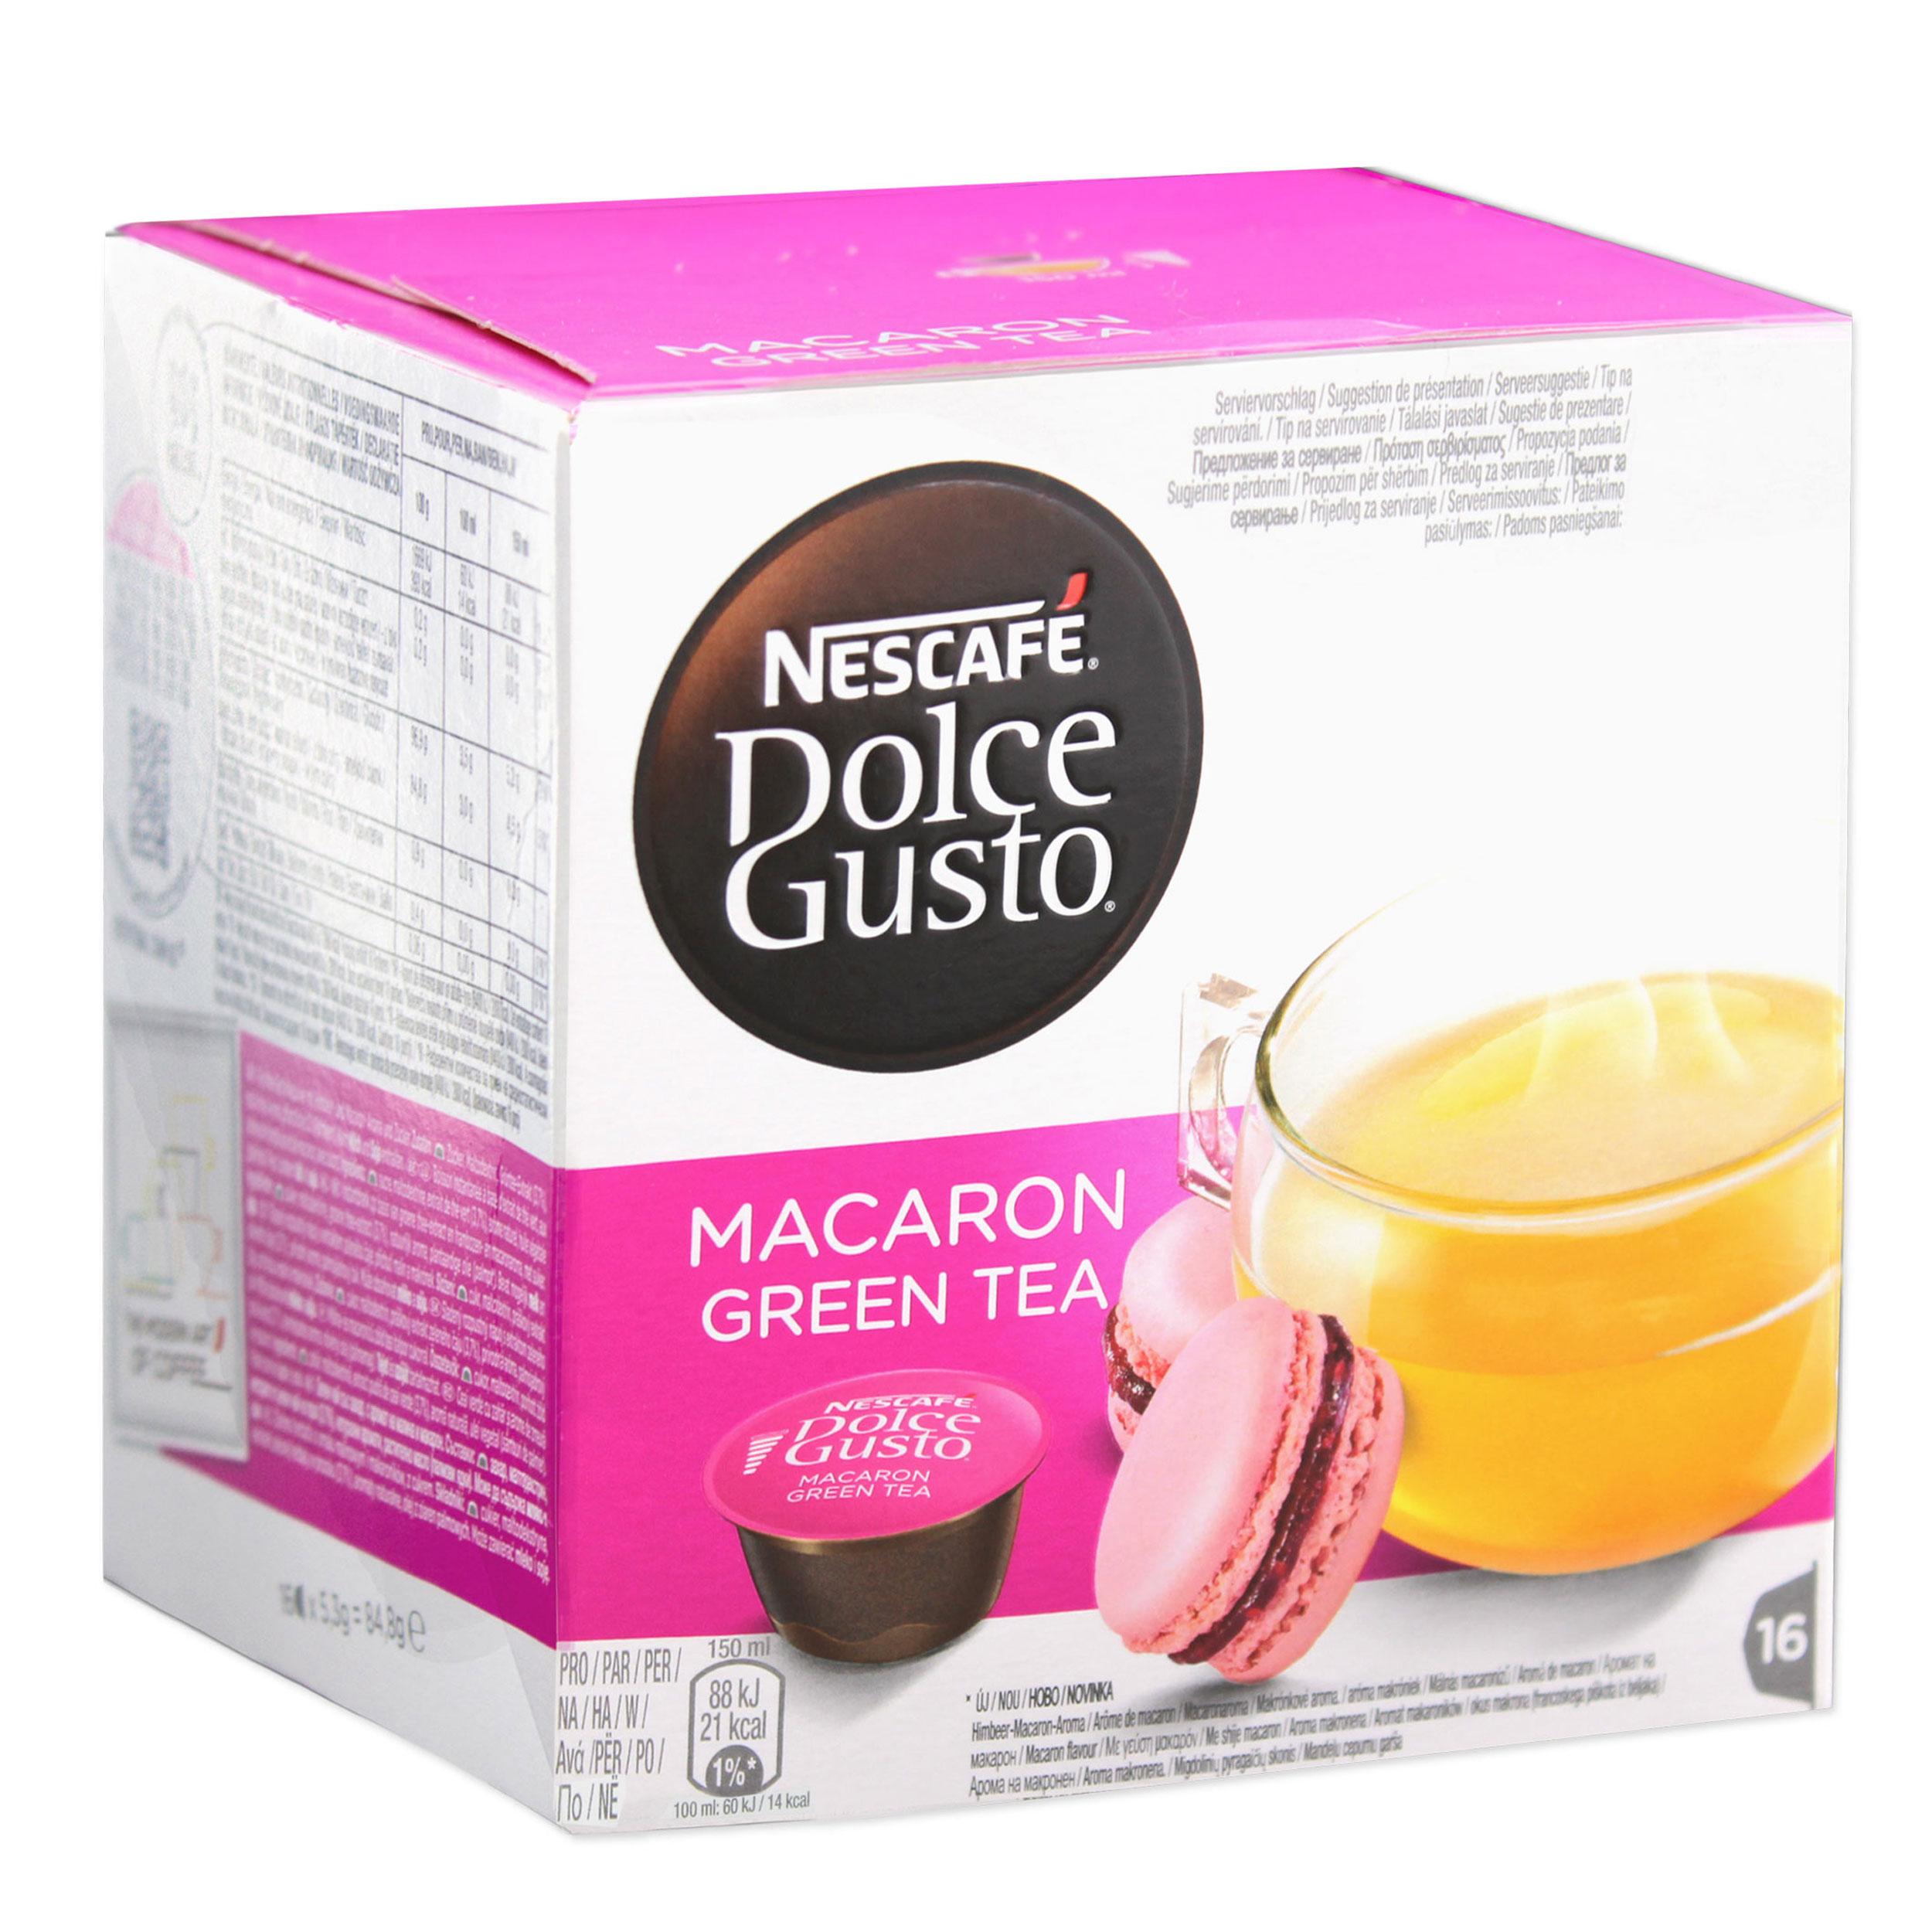 nescaf dolce gusto macaron green tea beverage drink. Black Bedroom Furniture Sets. Home Design Ideas